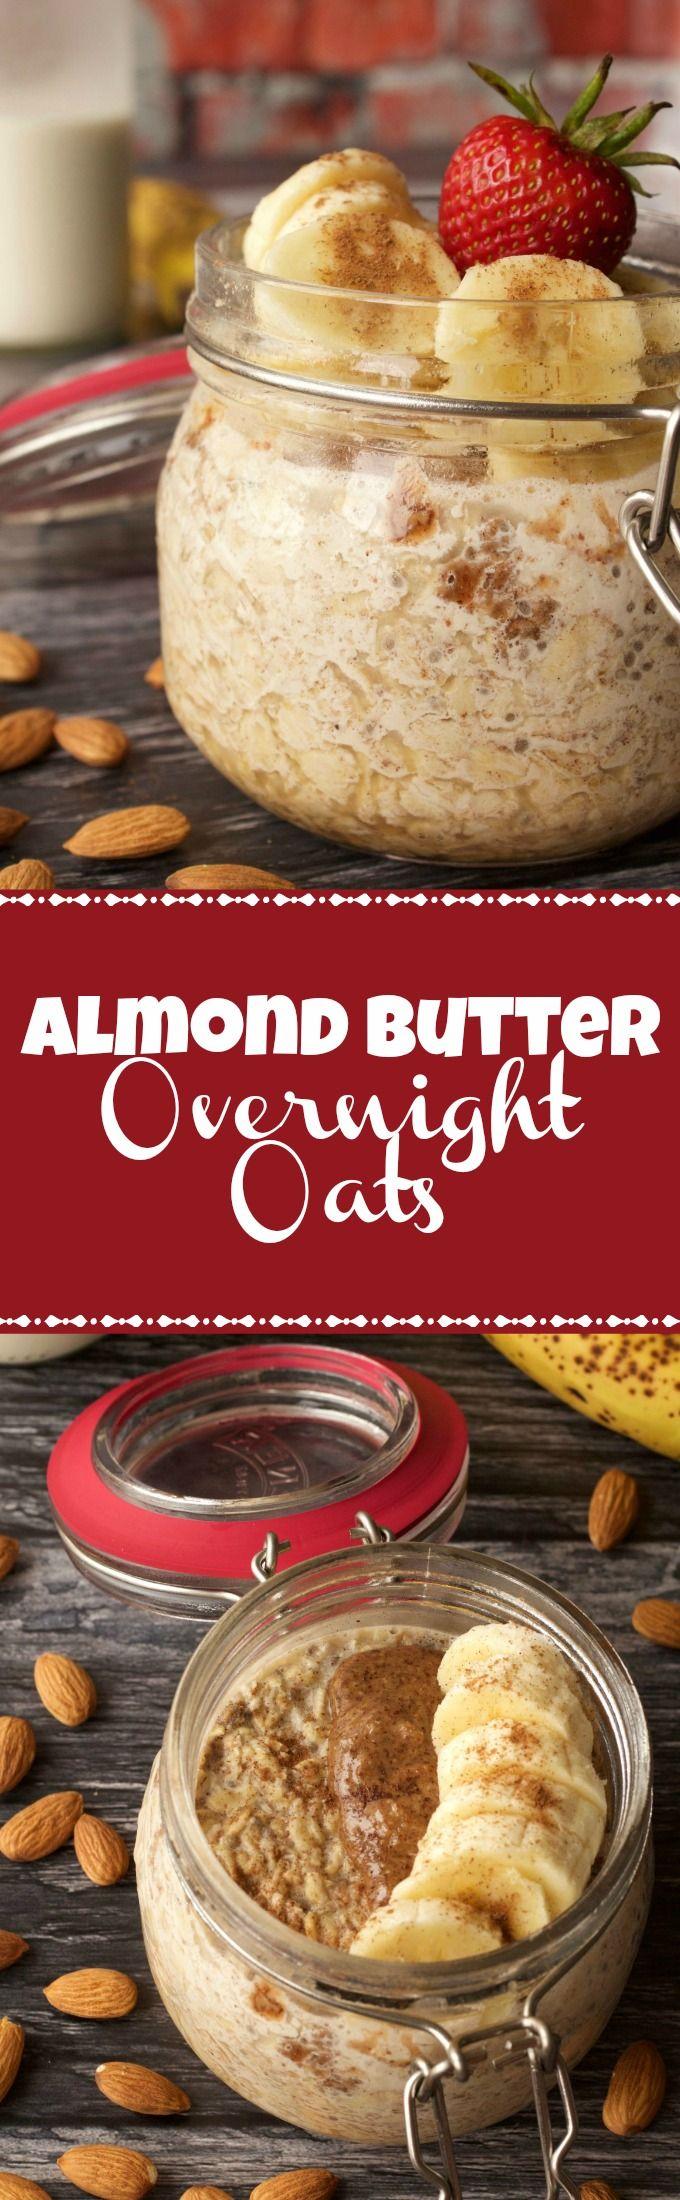 Almond Butter Overnight Oats. Vegan and Gluten-Free. Vegan Breakfast | Vegan Food | Gluten-Free Vegan | Overnight Oats | Vegan Recipes